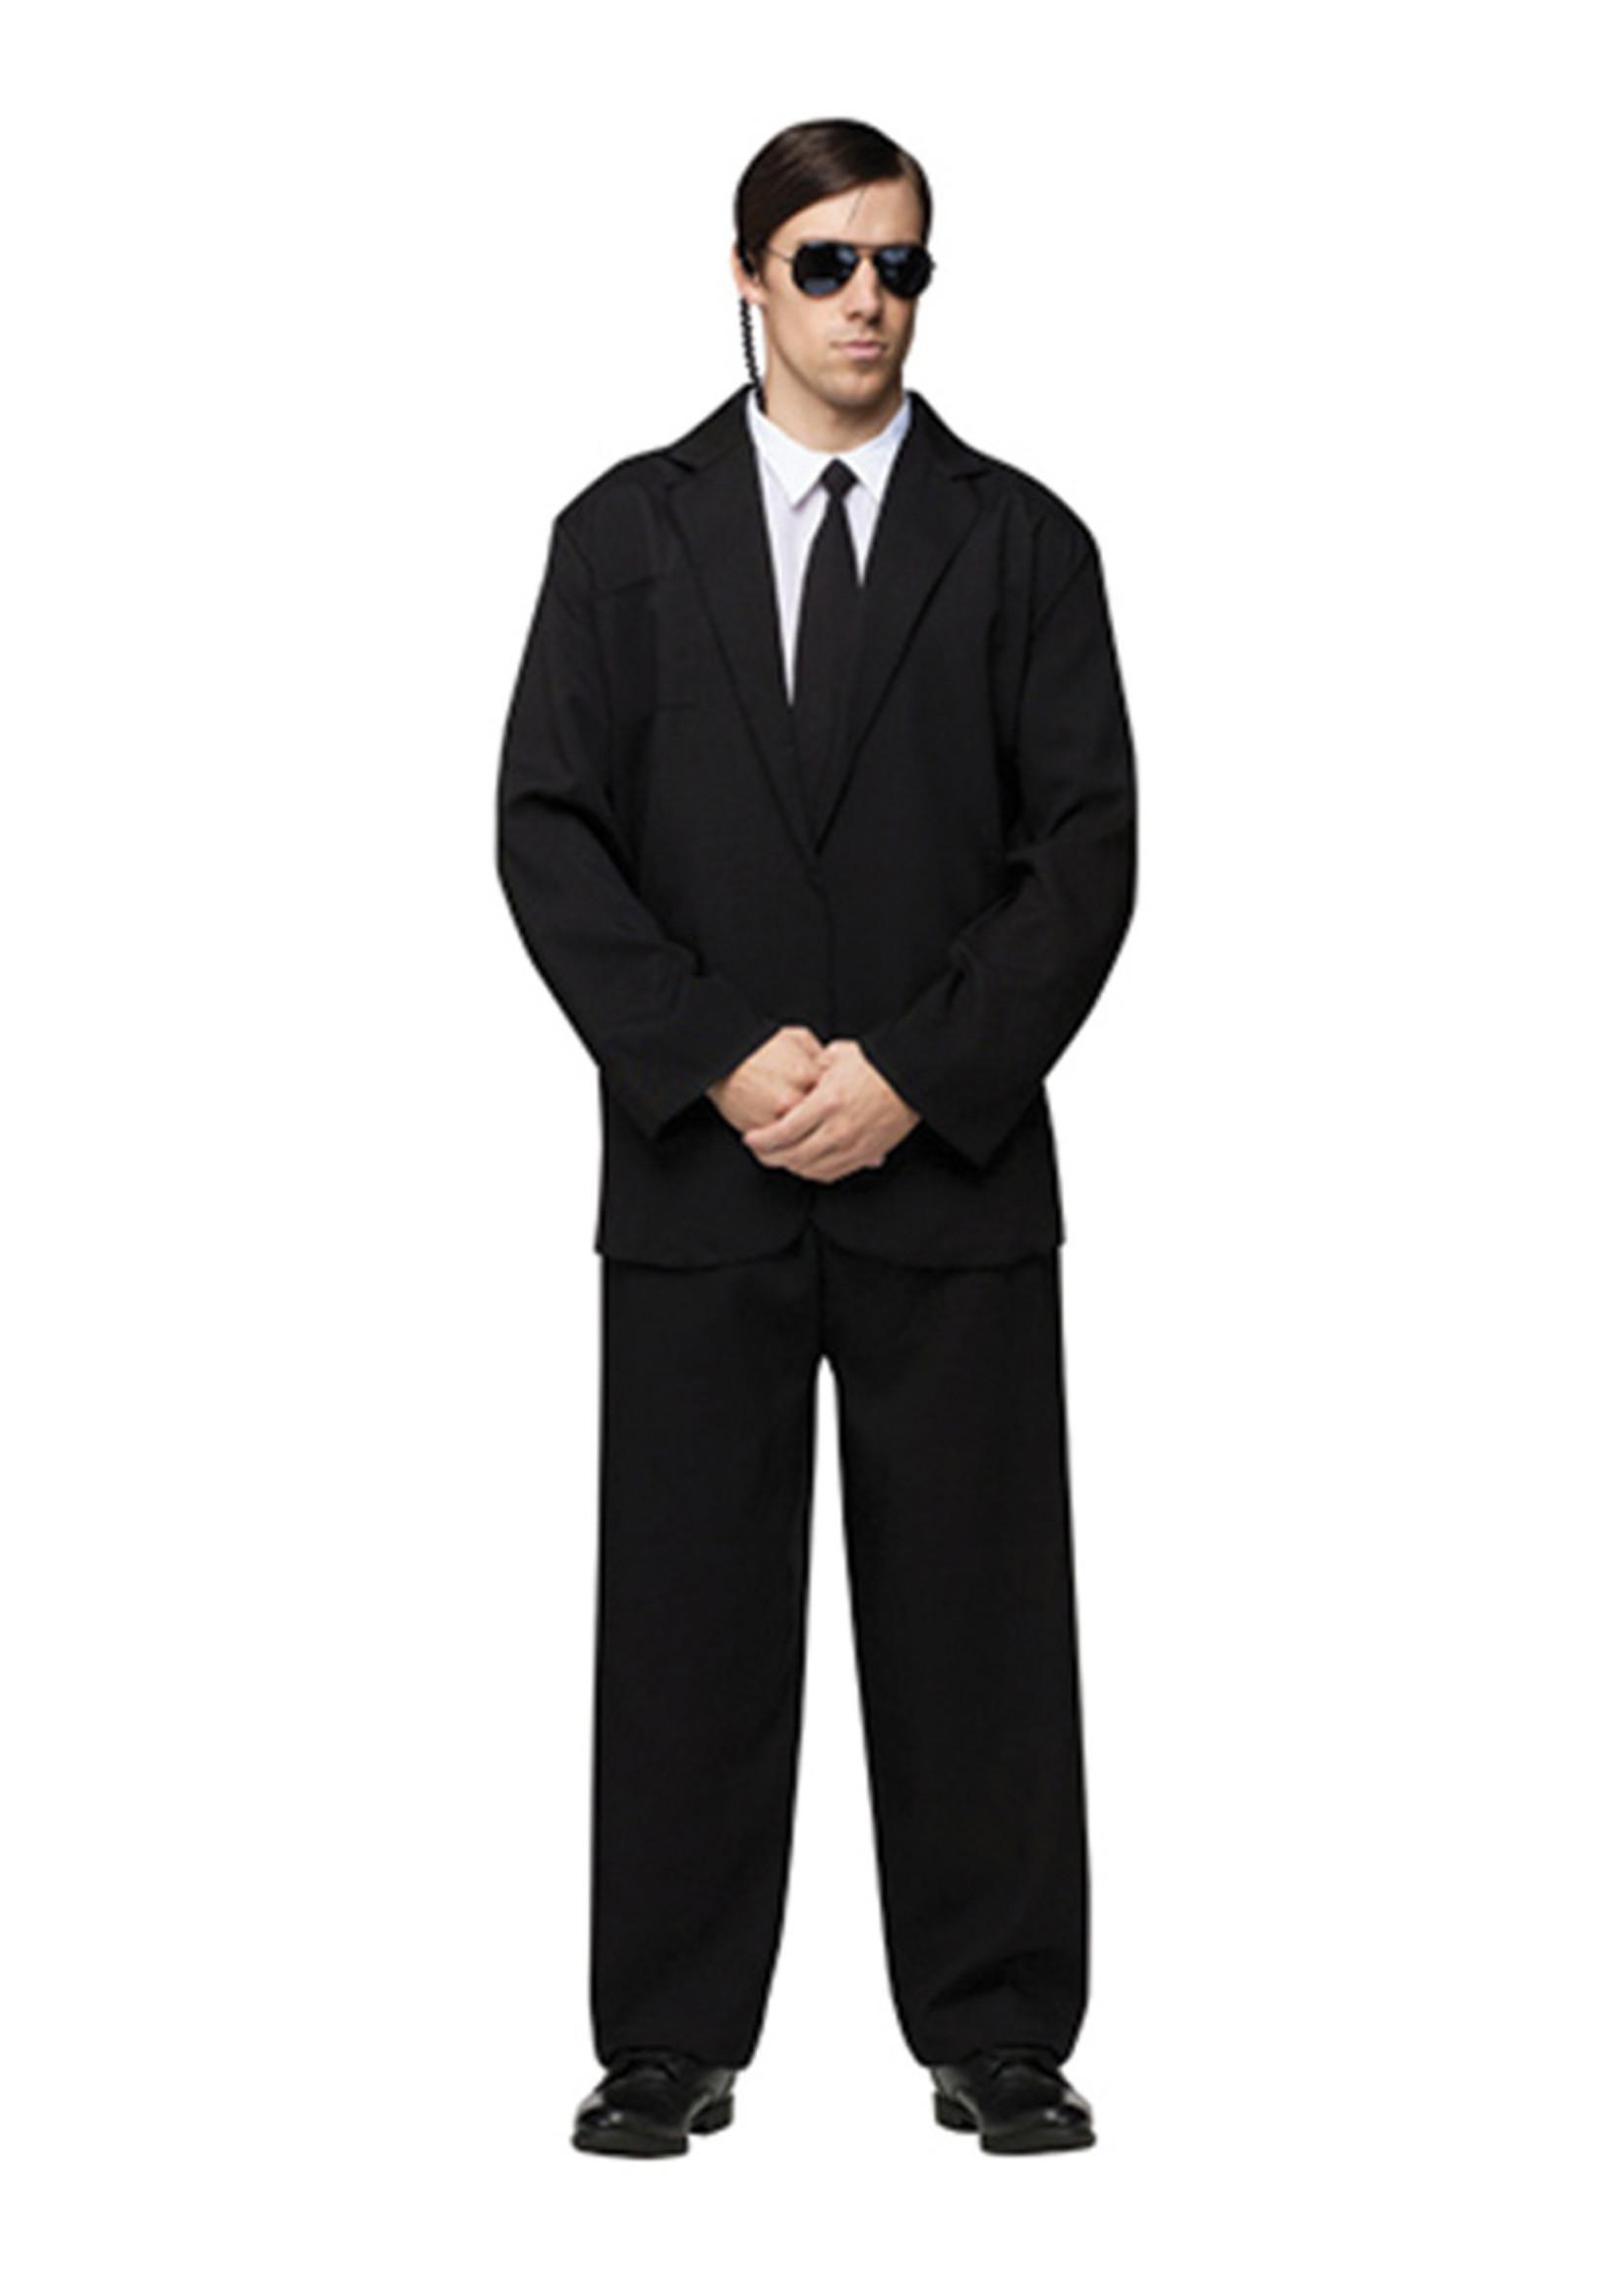 Black Suit Costume - Men's